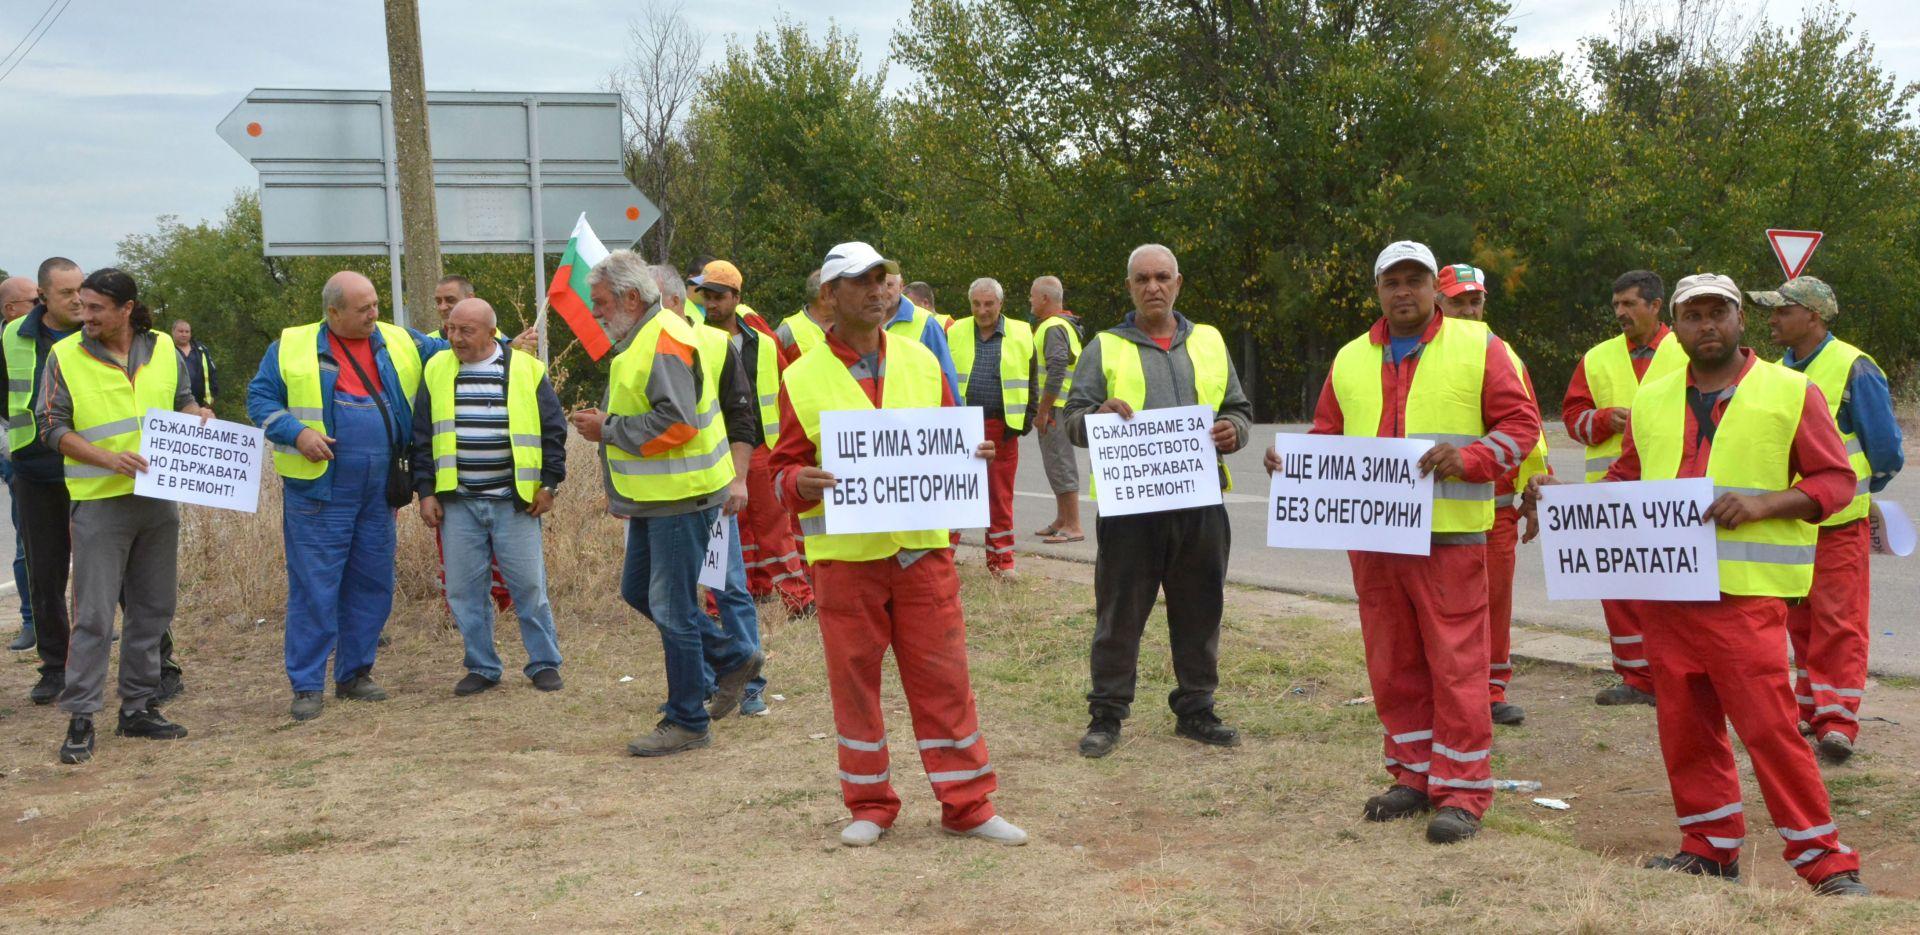 """Пътно-строителни фирми от Хасковска област се включиха в националния протест на бранша, като излязоха с камионите си на пътен възел Димитровград, на автомагистрала """"Марица""""."""